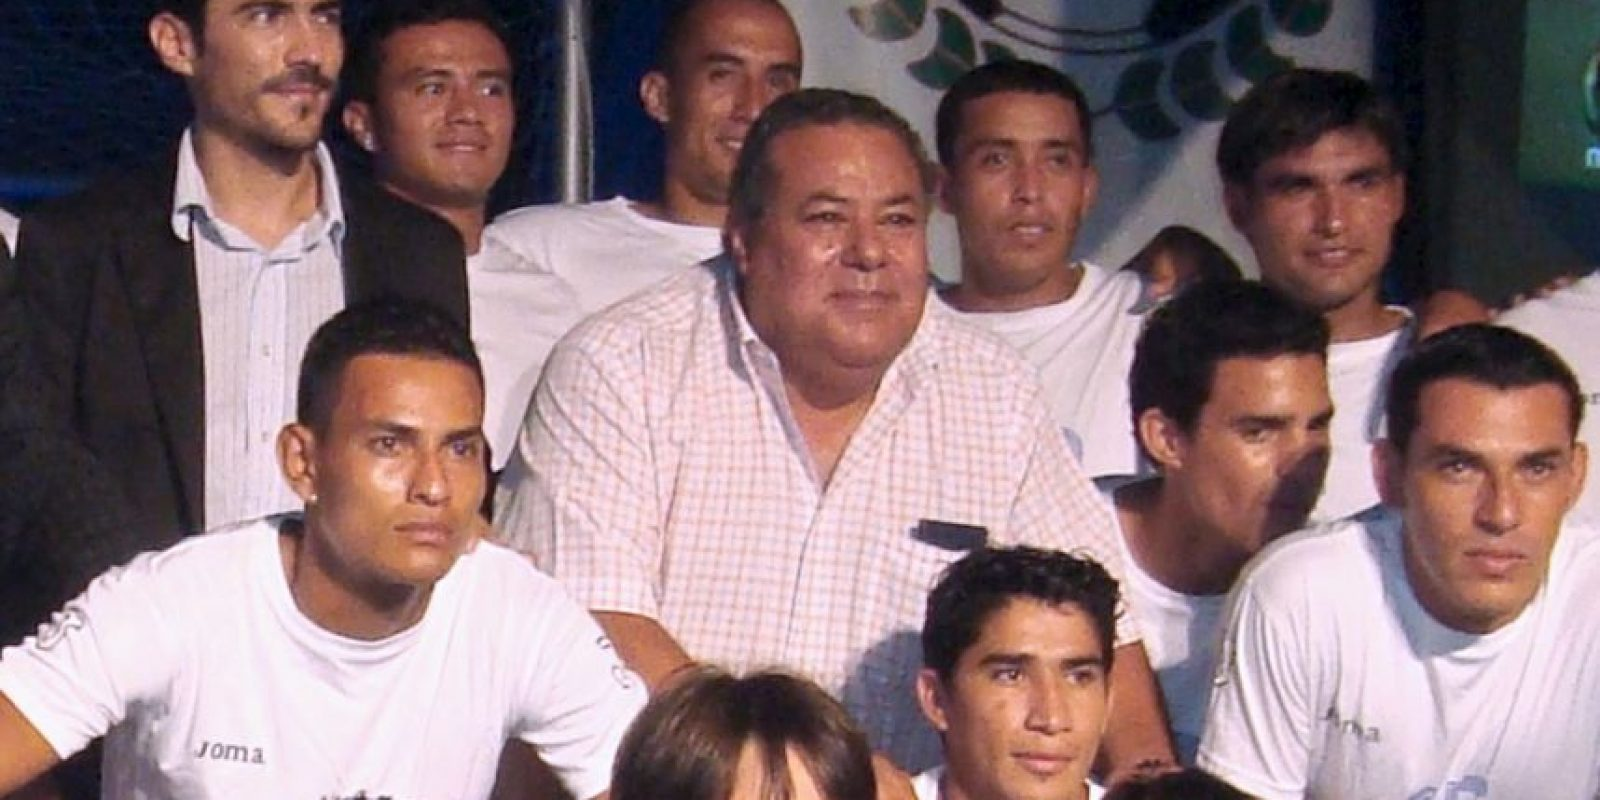 Expresidente de la Federación nicaragüense de fútbol y funcionario de la FIFA. Foto:Getty Images